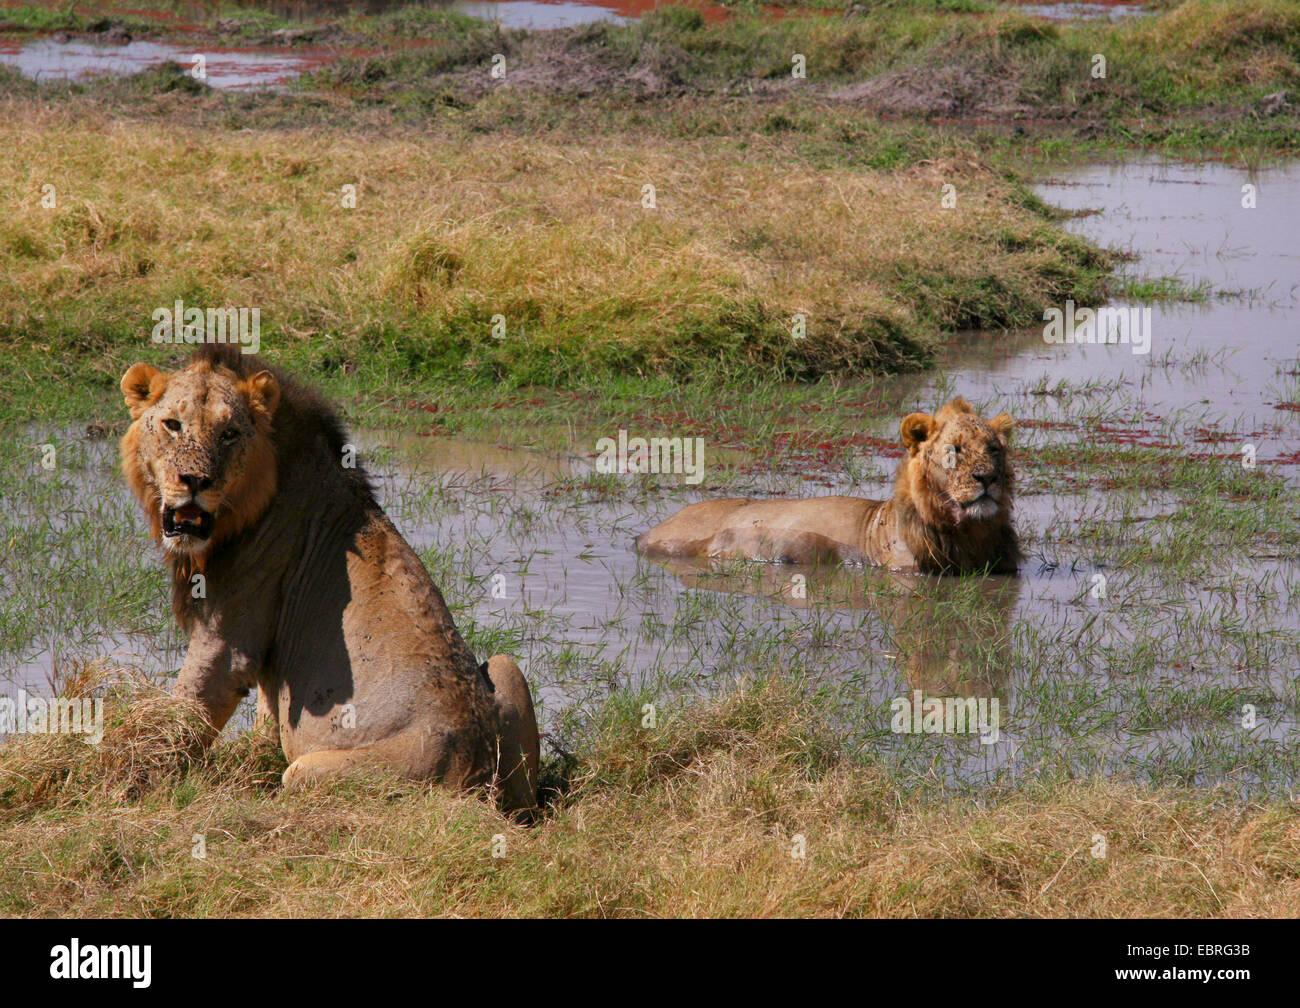 León (Panthera leo), leones refrescarse en el agua, el Parque Nacional de Amboseli, Kenia Imagen De Stock